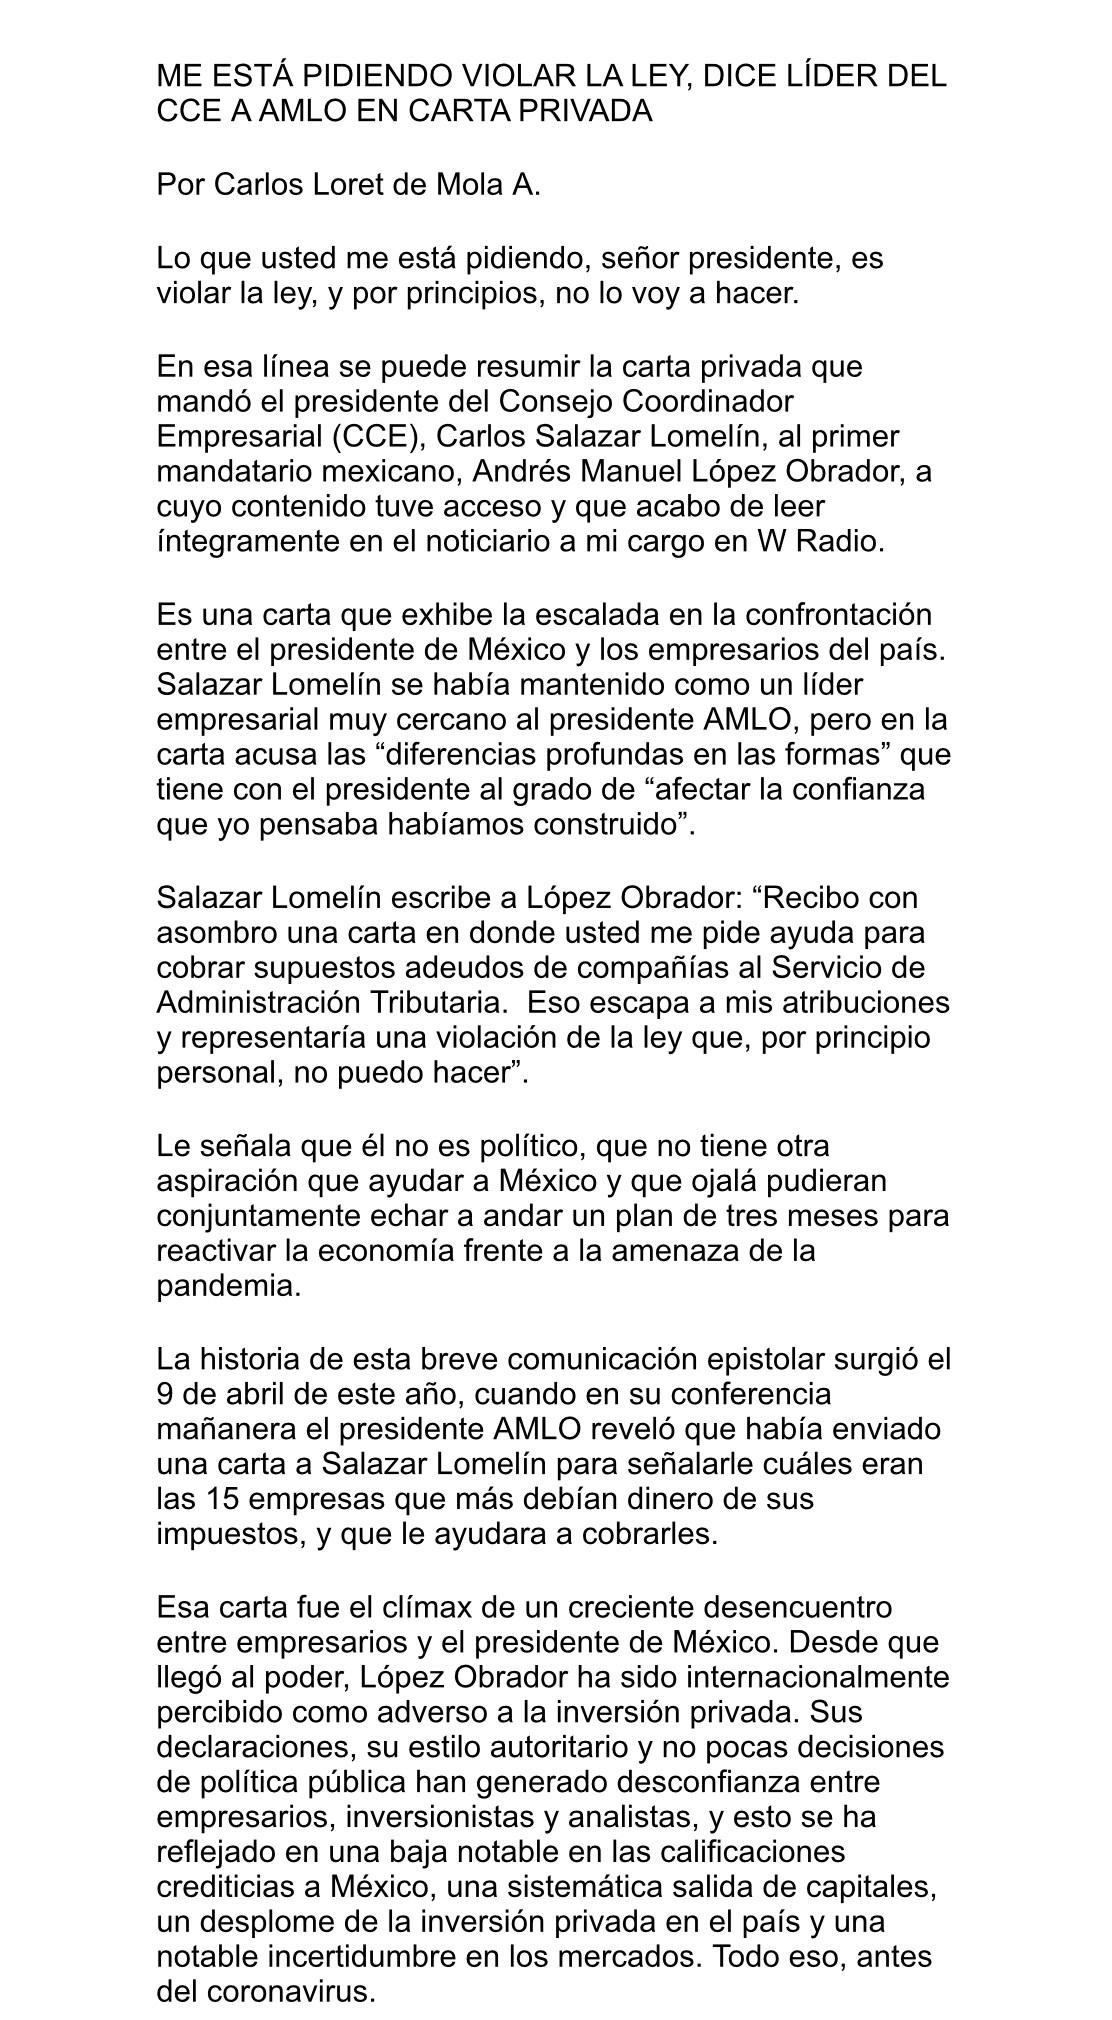 Carta del CCE al presidente AMLO